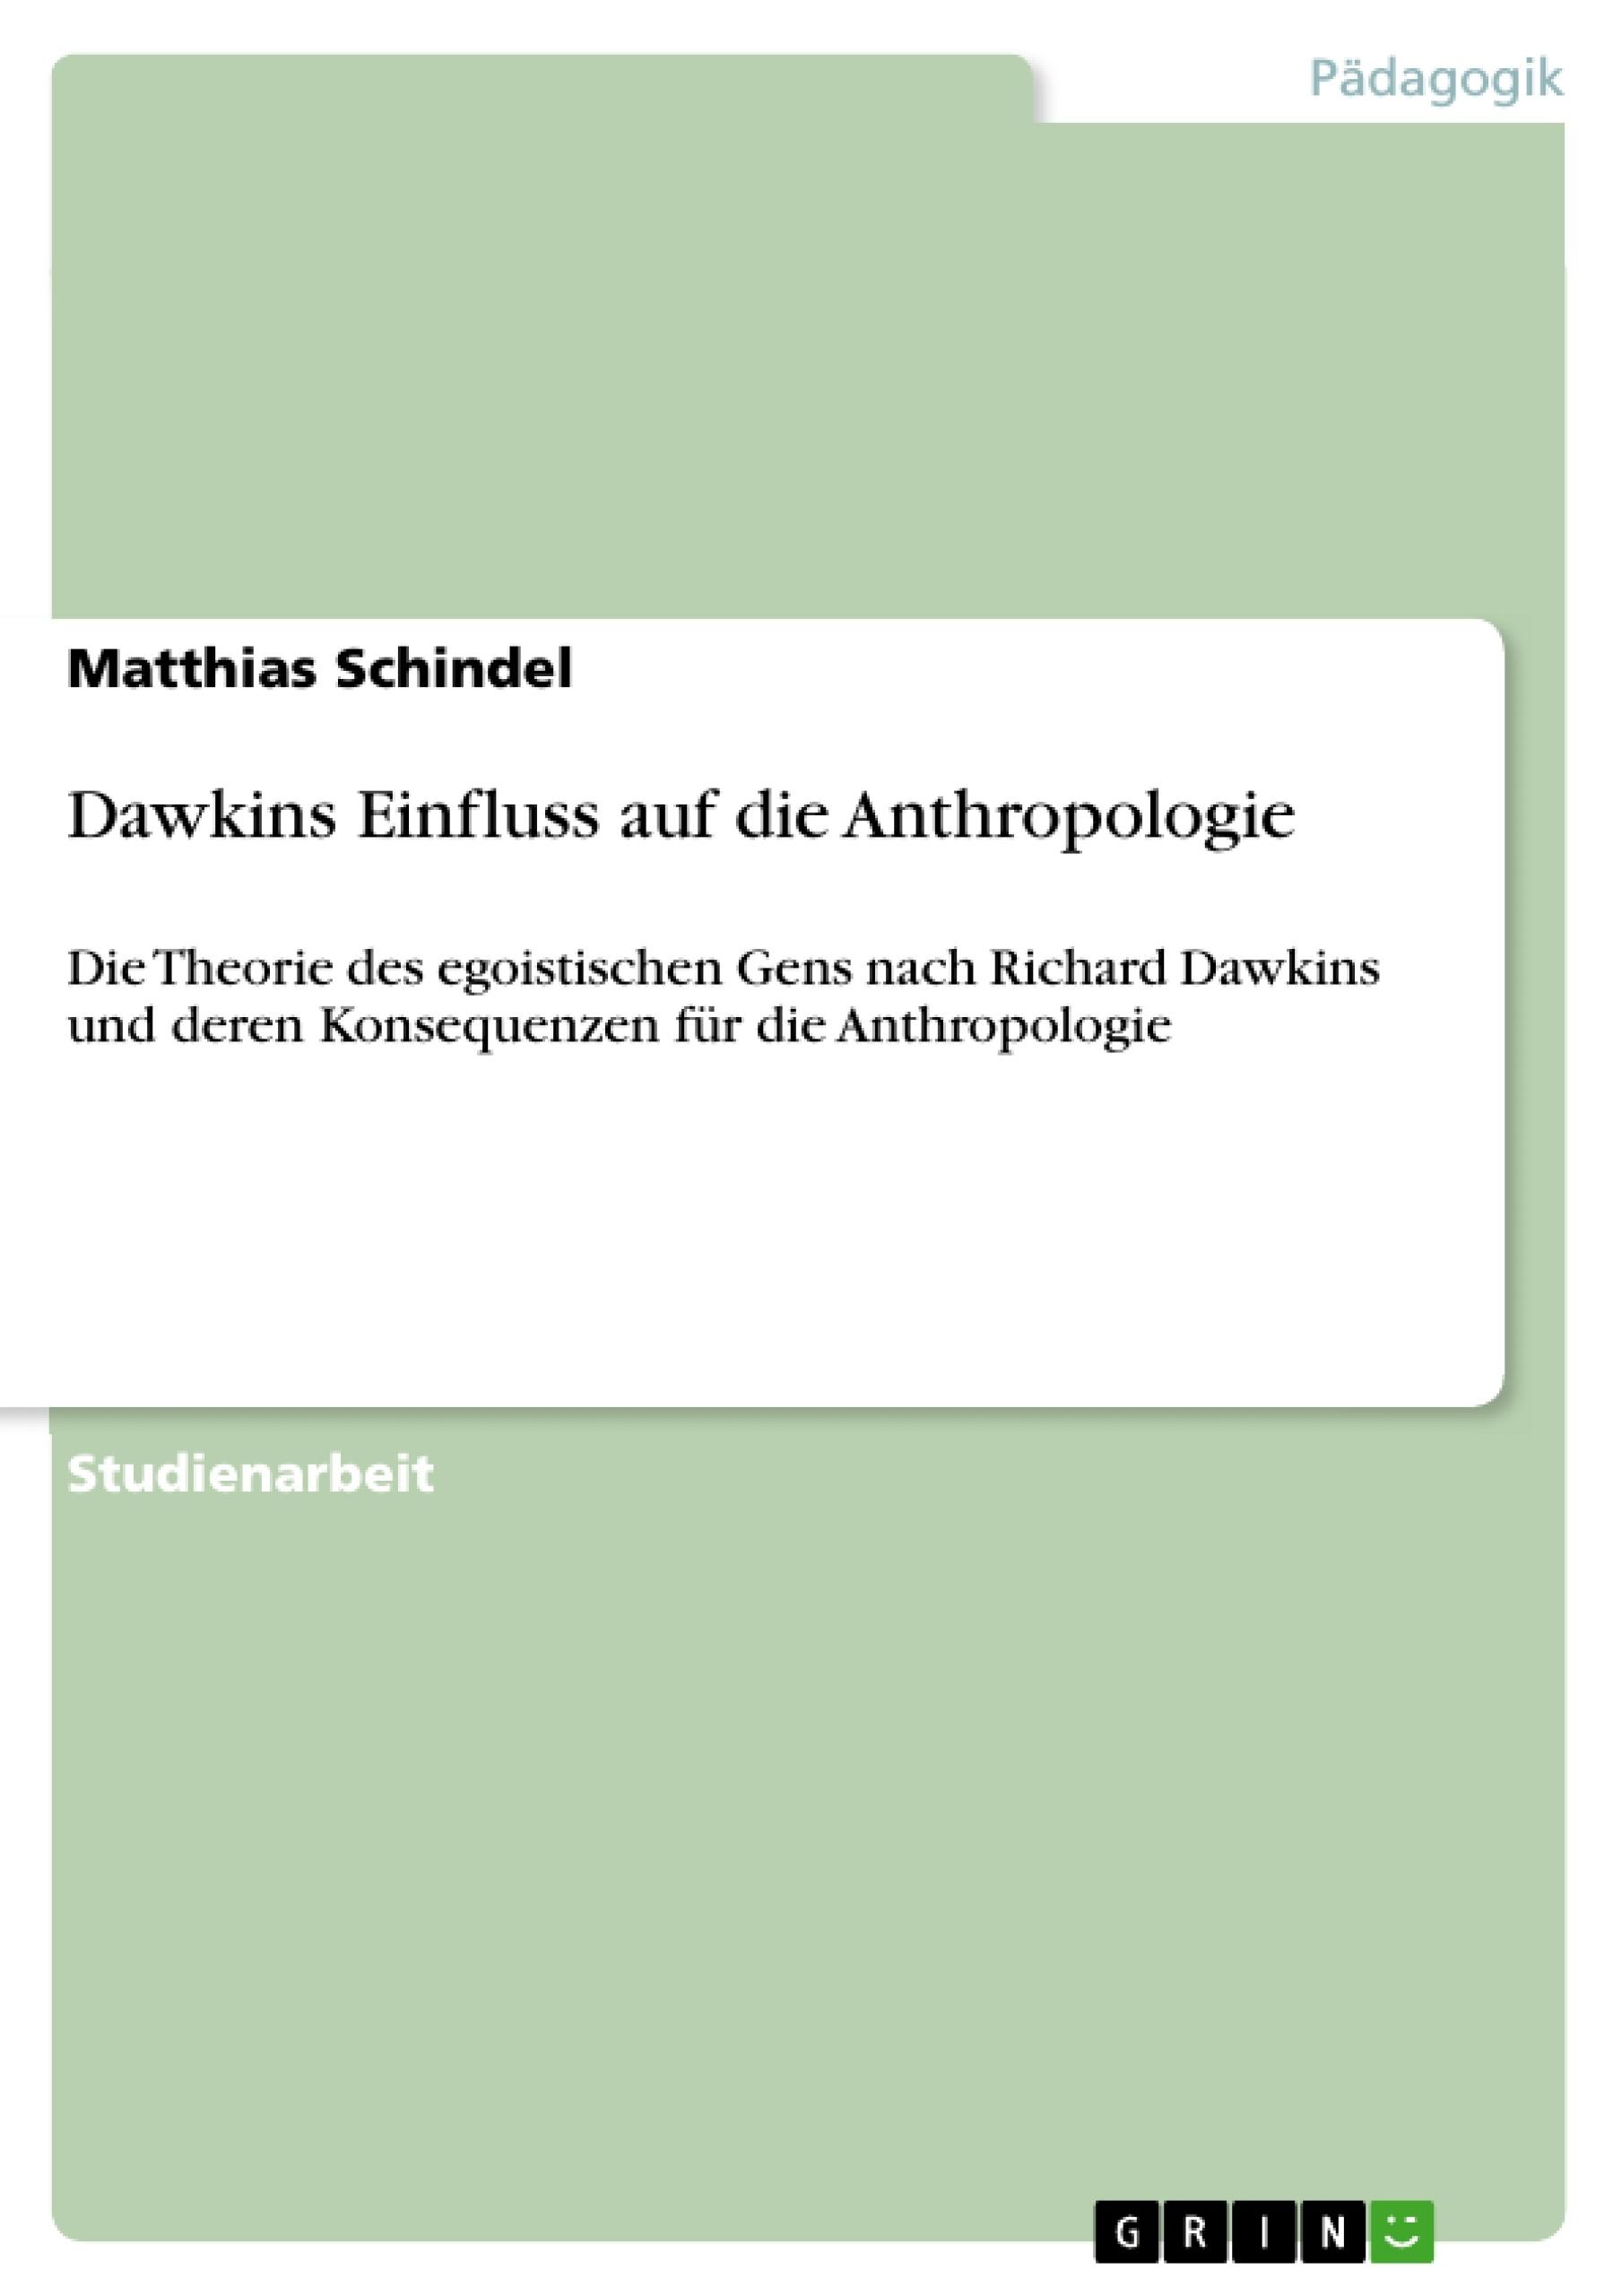 Titel: Dawkins Einfluss auf die Anthropologie